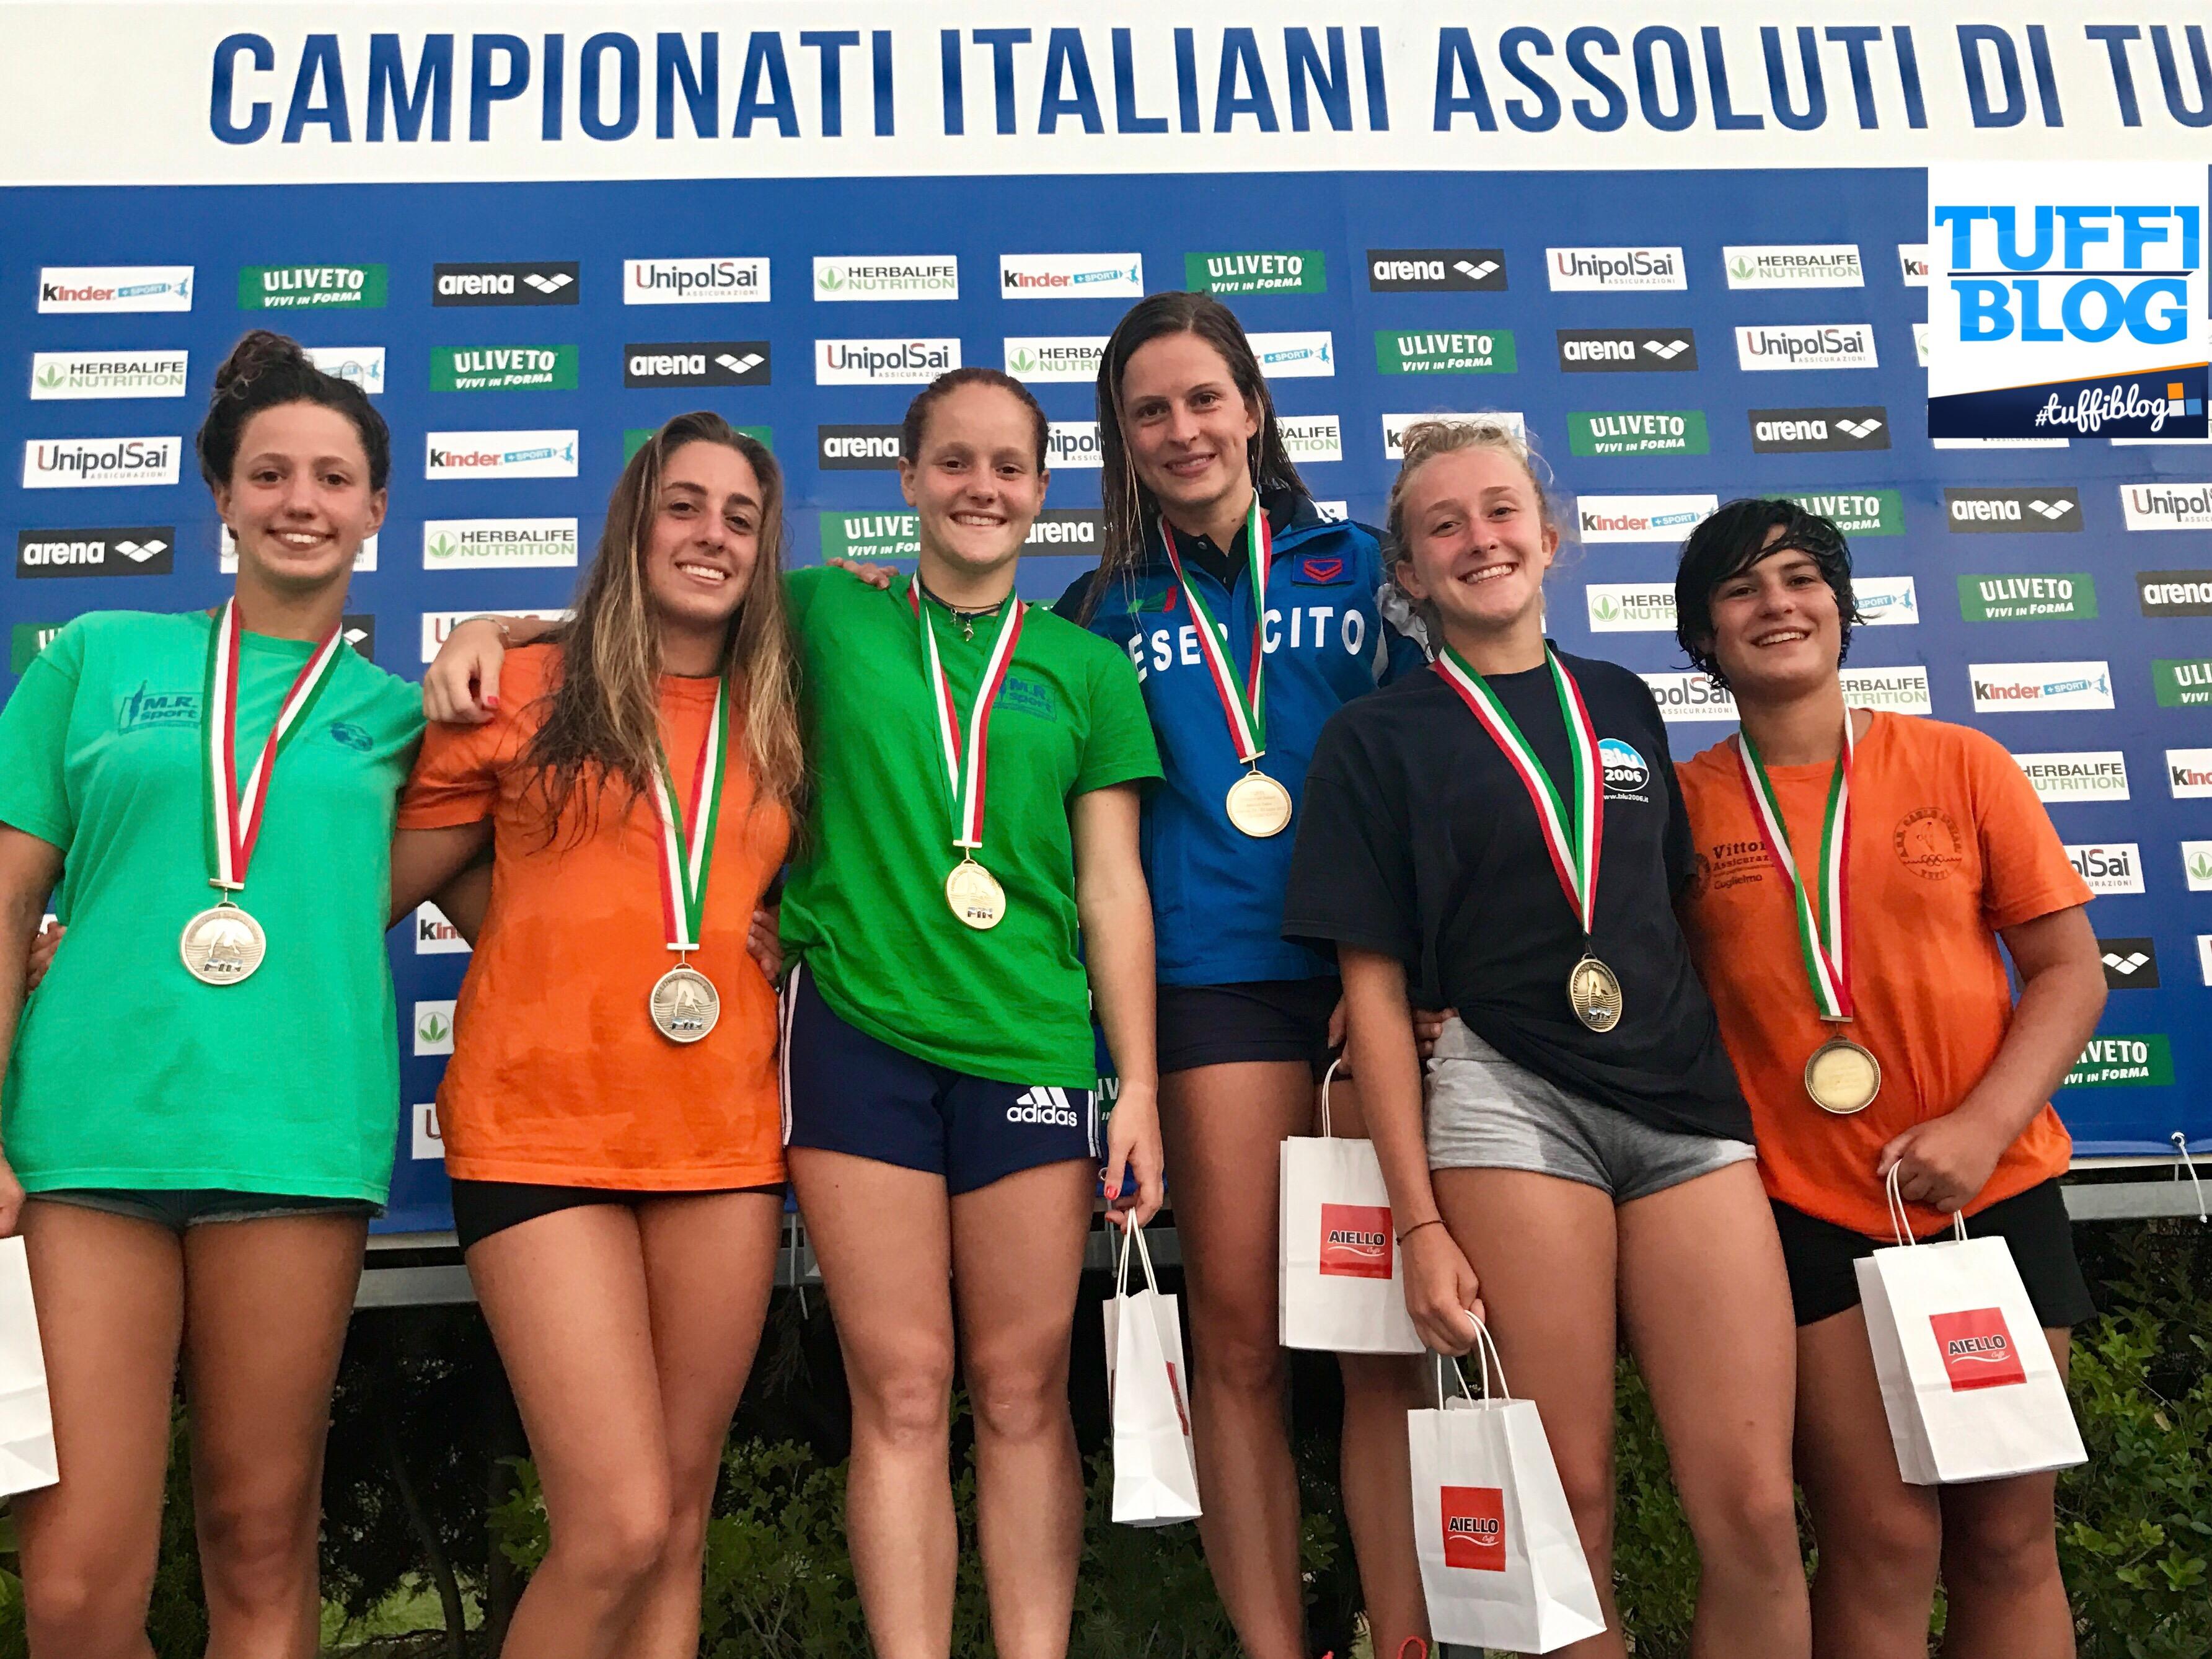 Assoluti Estivi: Cosenza - sul podio Bertocchi, Tocci, e le coppie Batki/Pellacani e Sembiante/Verzotto.